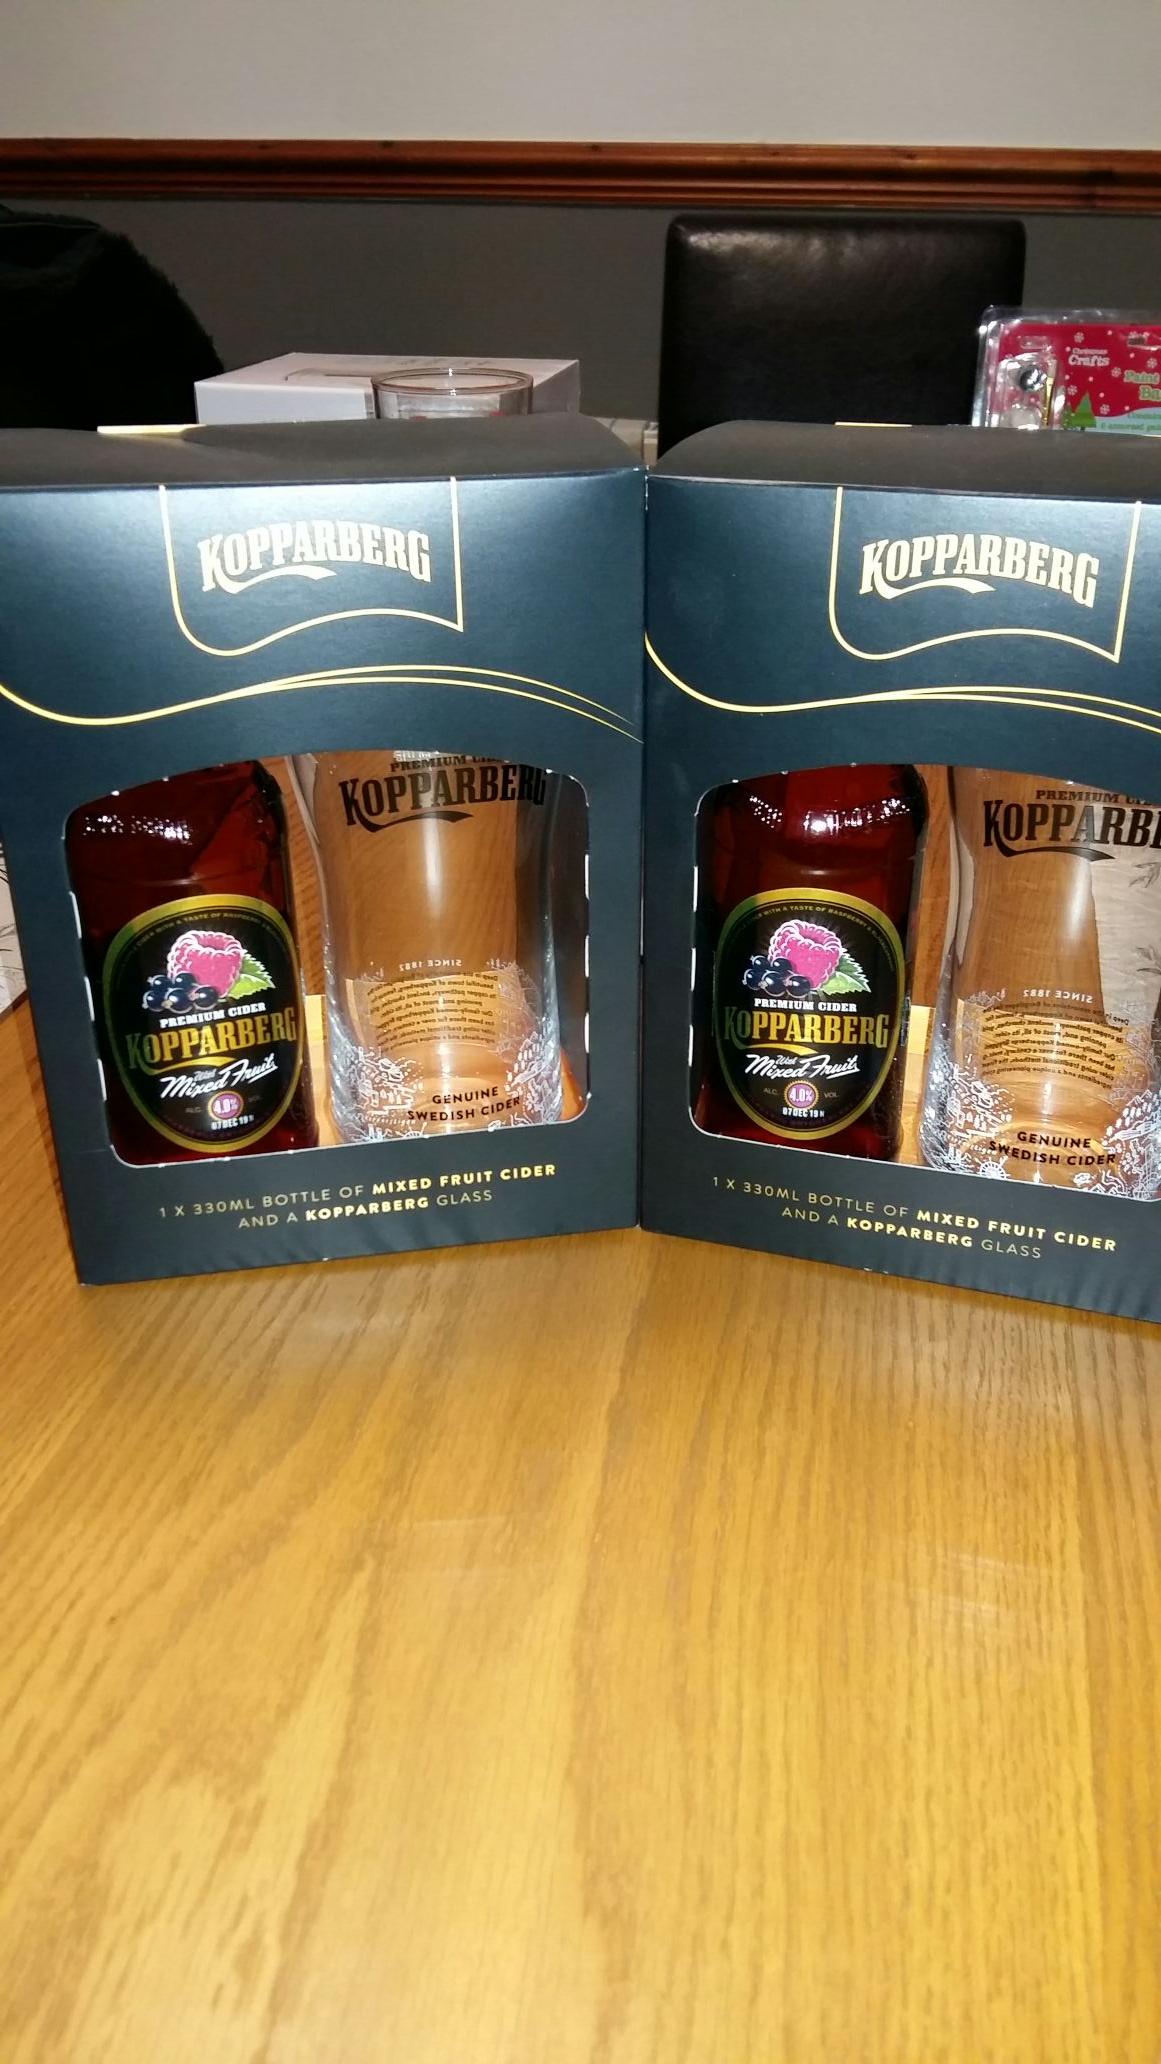 Kopparberg Gift Set - Morrisons £5